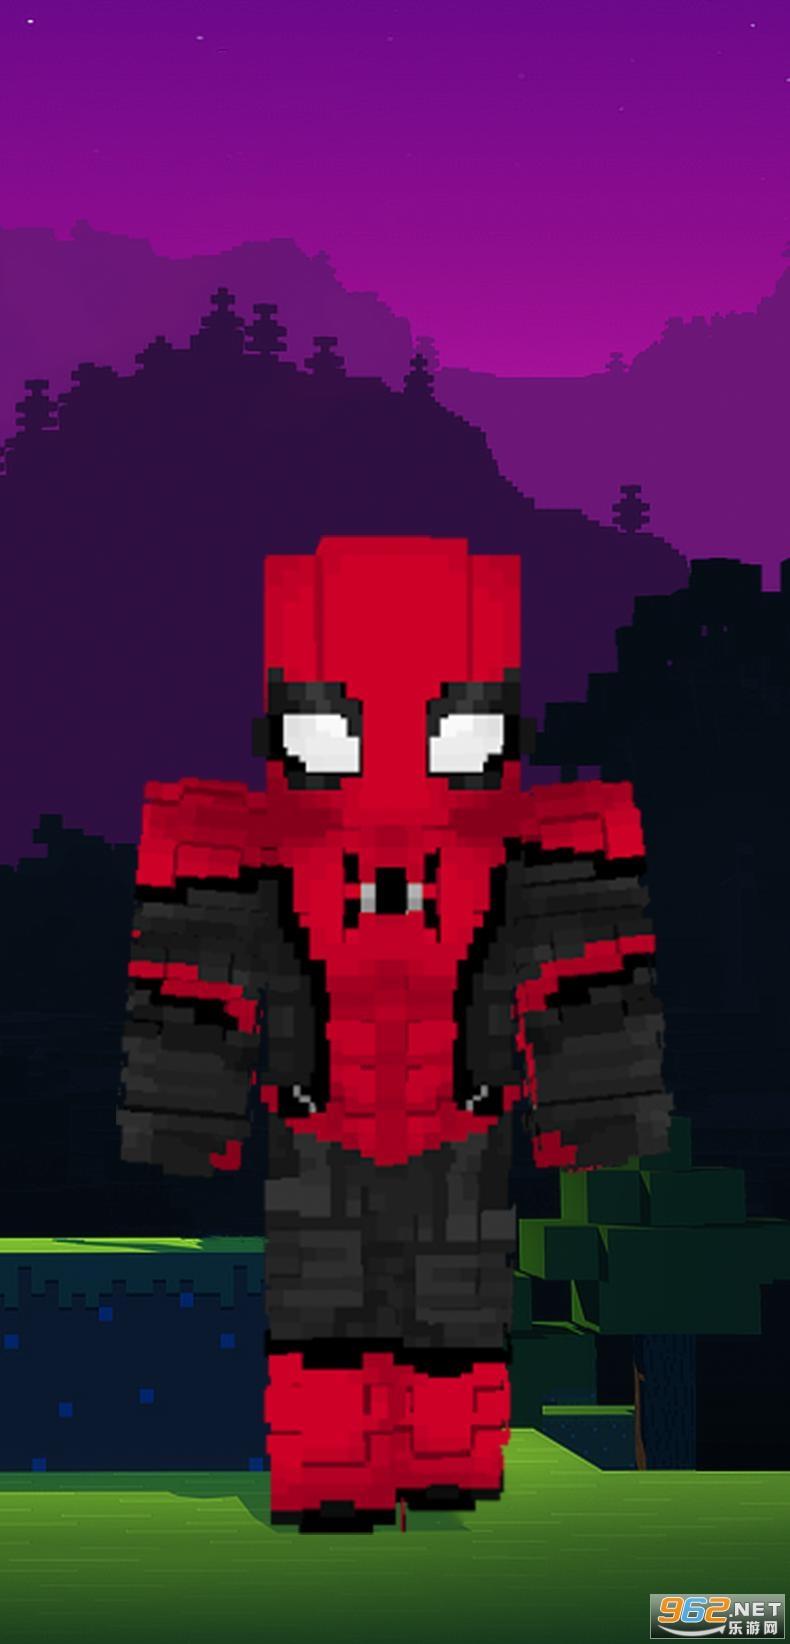 蜘蛛侠我的世界皮肤Spider Man Minecraft Skinsv1.0 安卓版截图0